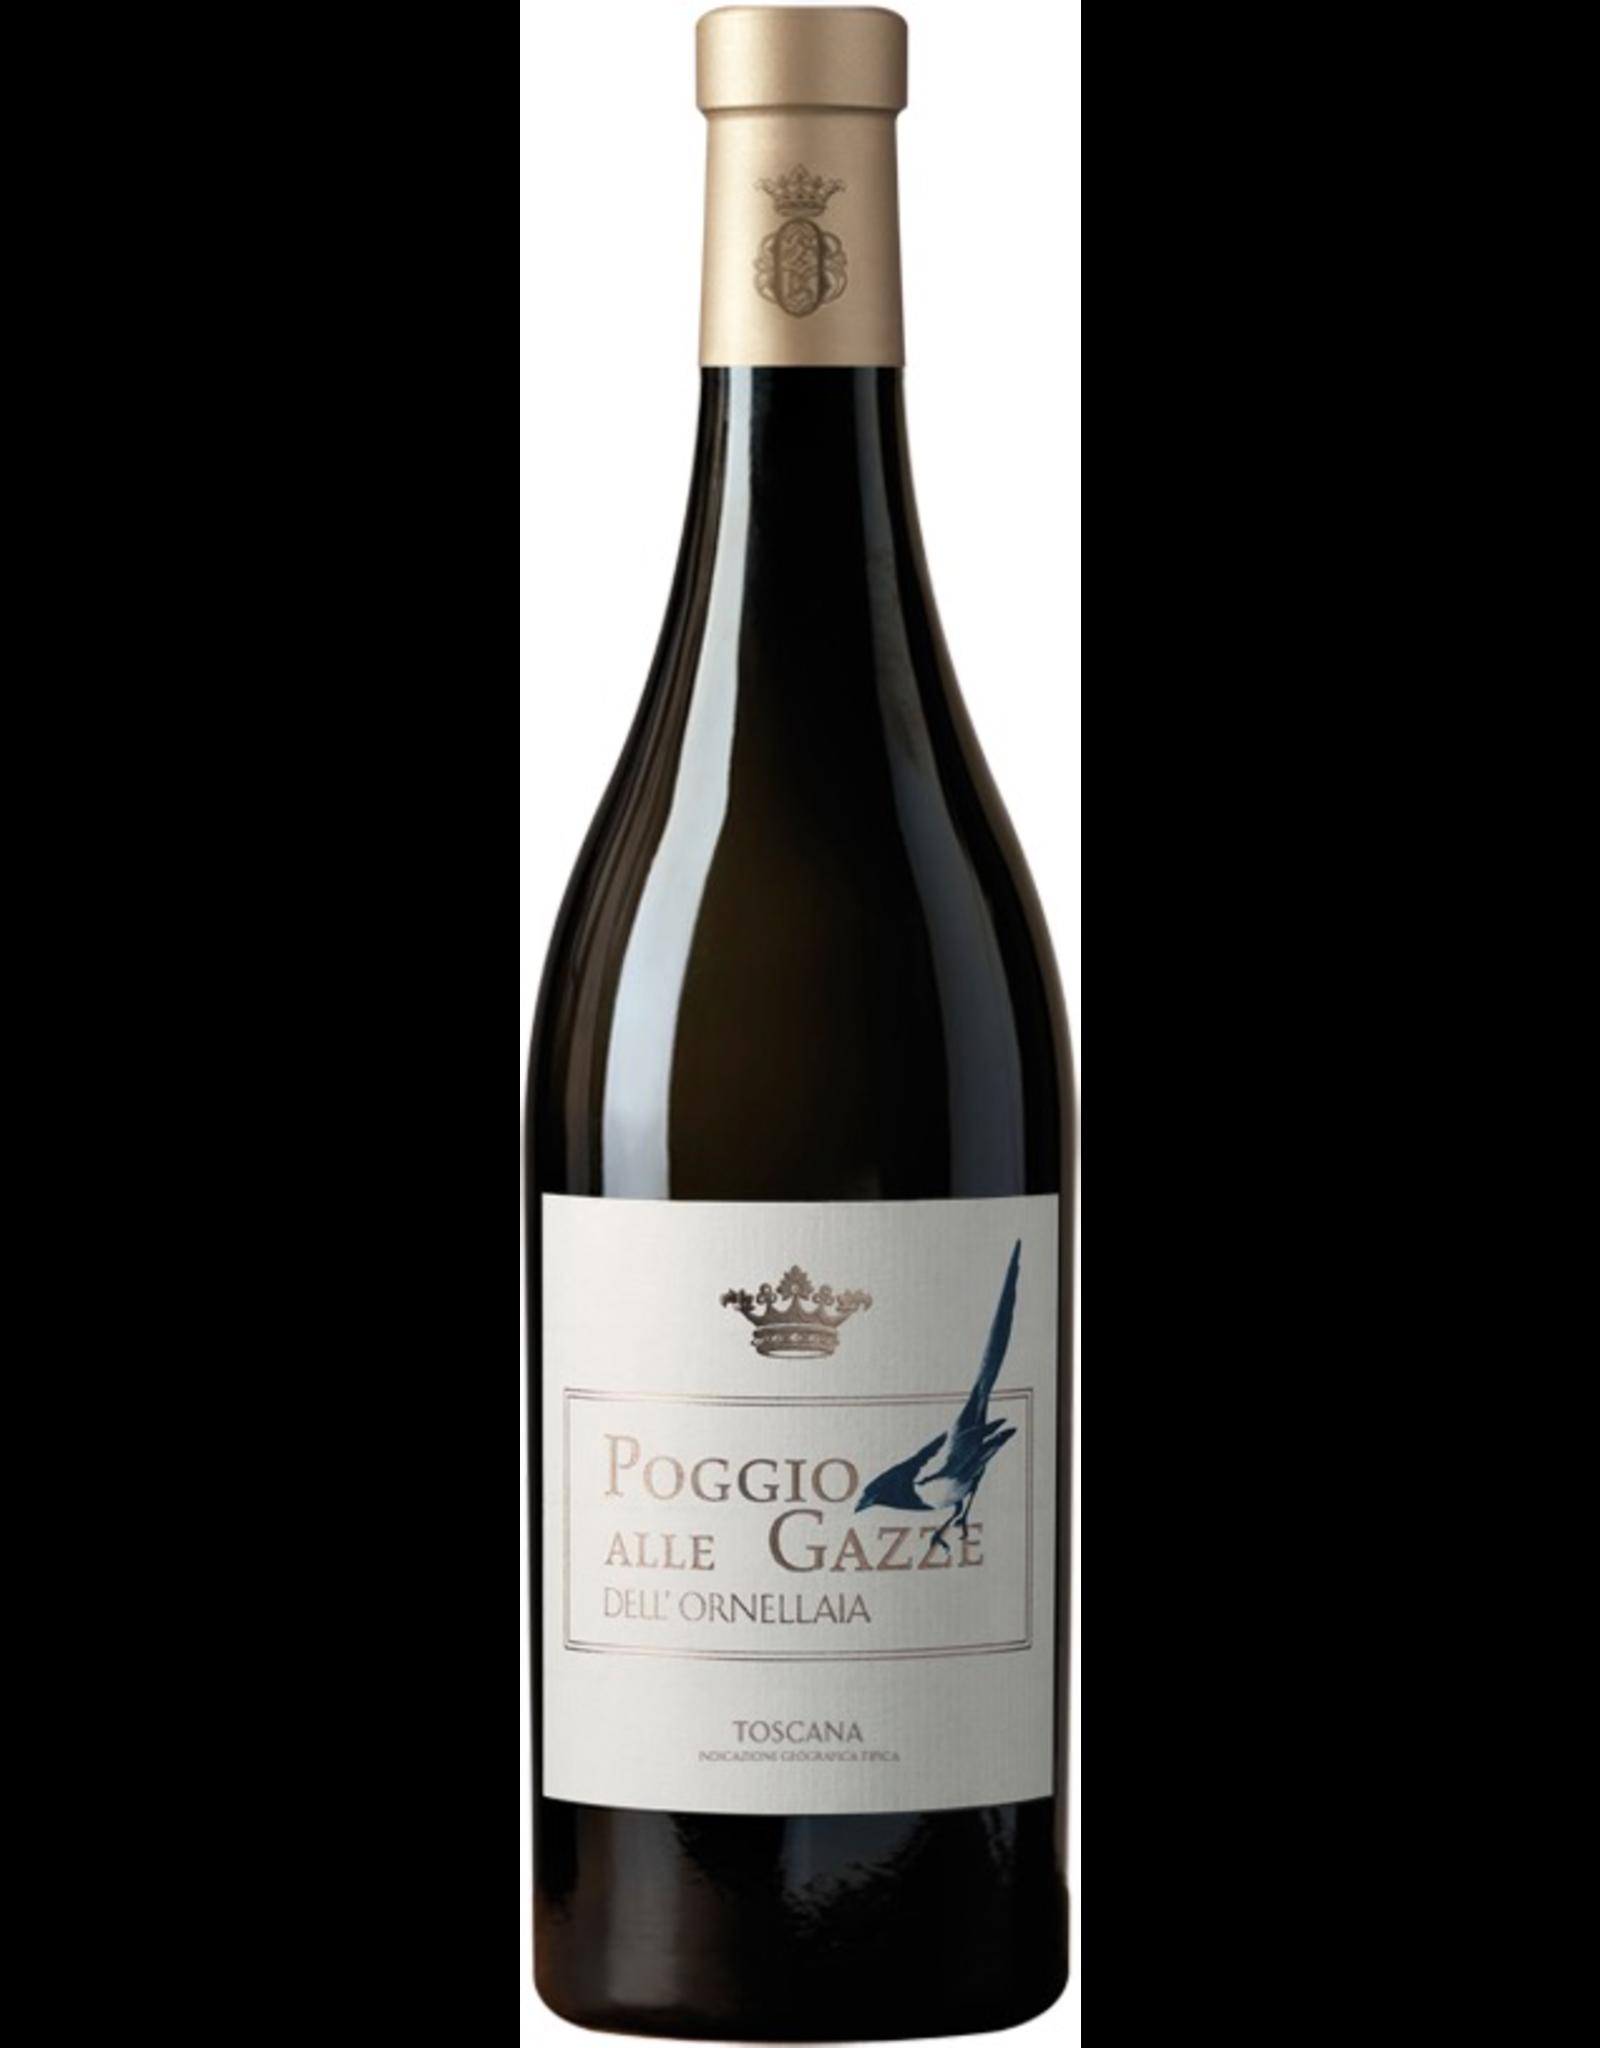 White Wine 2017, Poggio Alle Gazze Dell Ornellaia, White Regional Blend, Toscana IGT, Tuscany, Italy, 13.5% Alc, CTnr, RP92